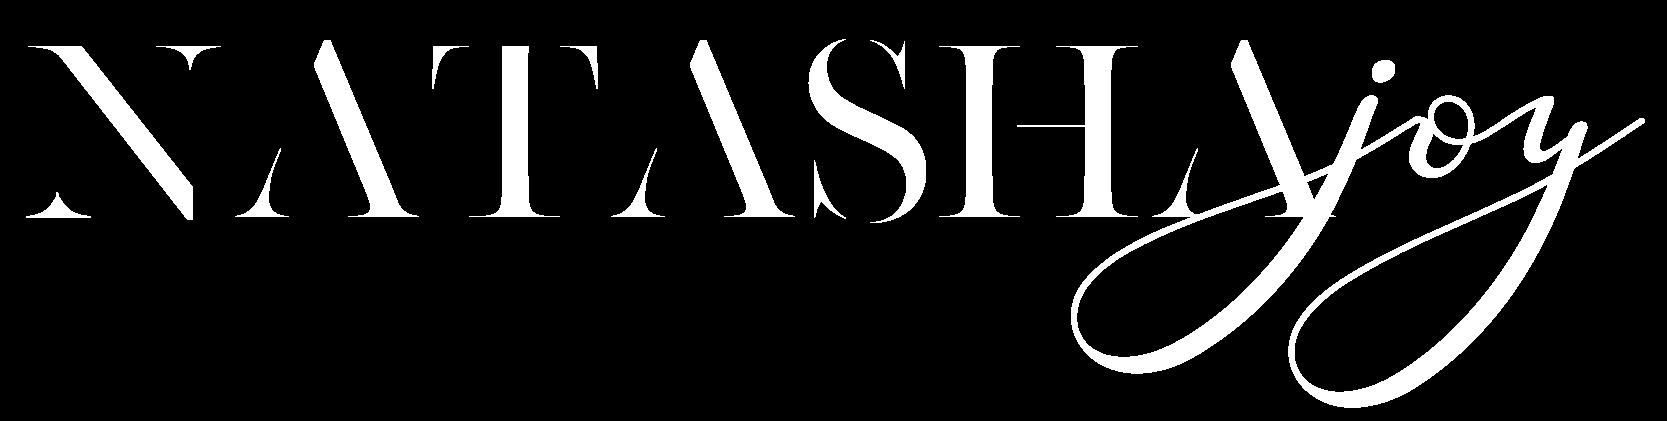 natasha name.png